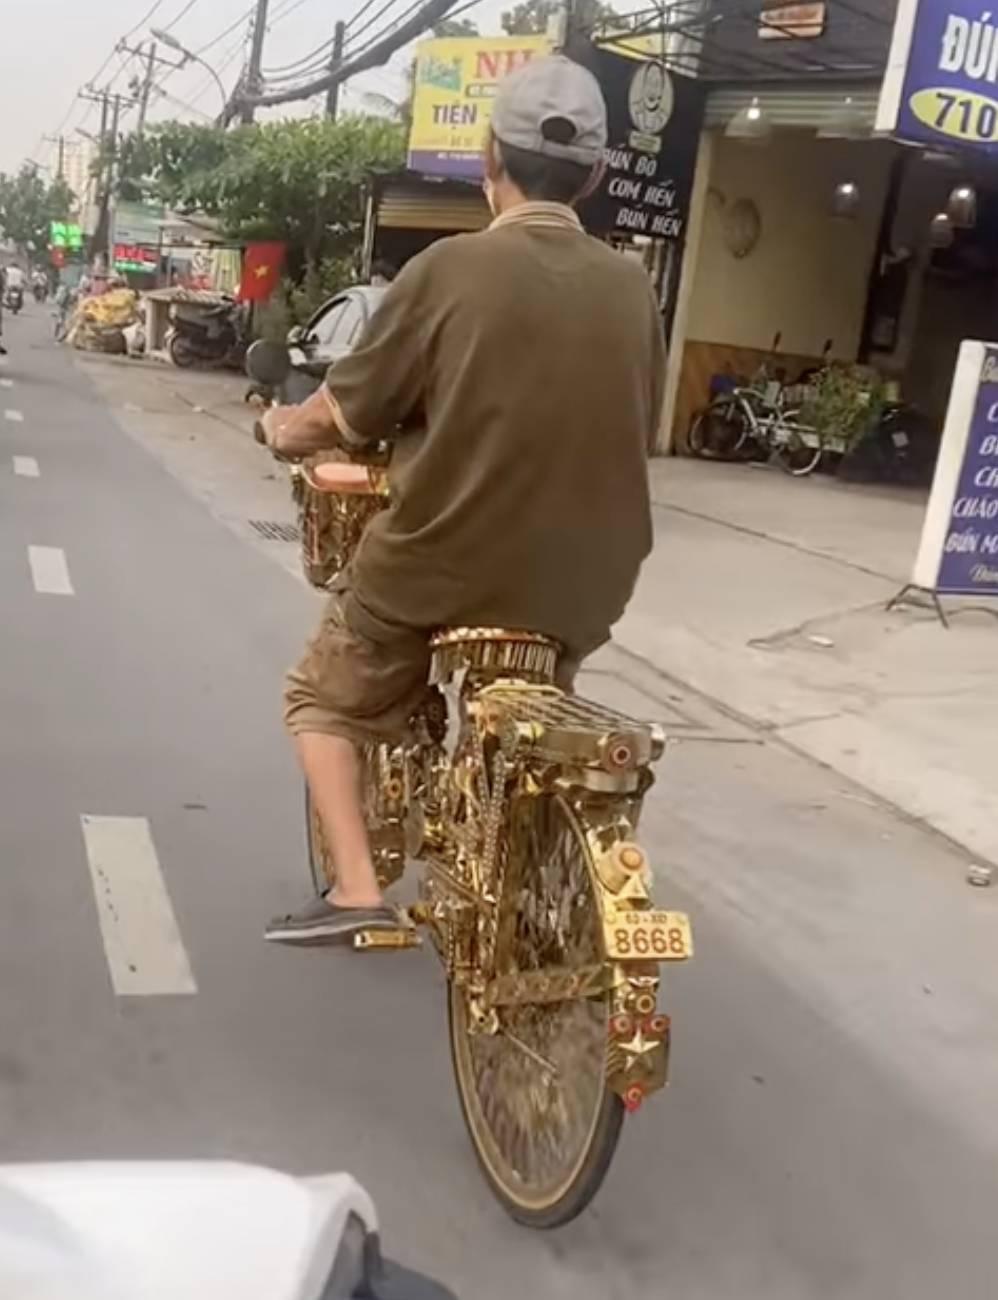 Xôn xao chuyện ông chú đi xe đạp dát vàng là chủ biệt thự khủng-1